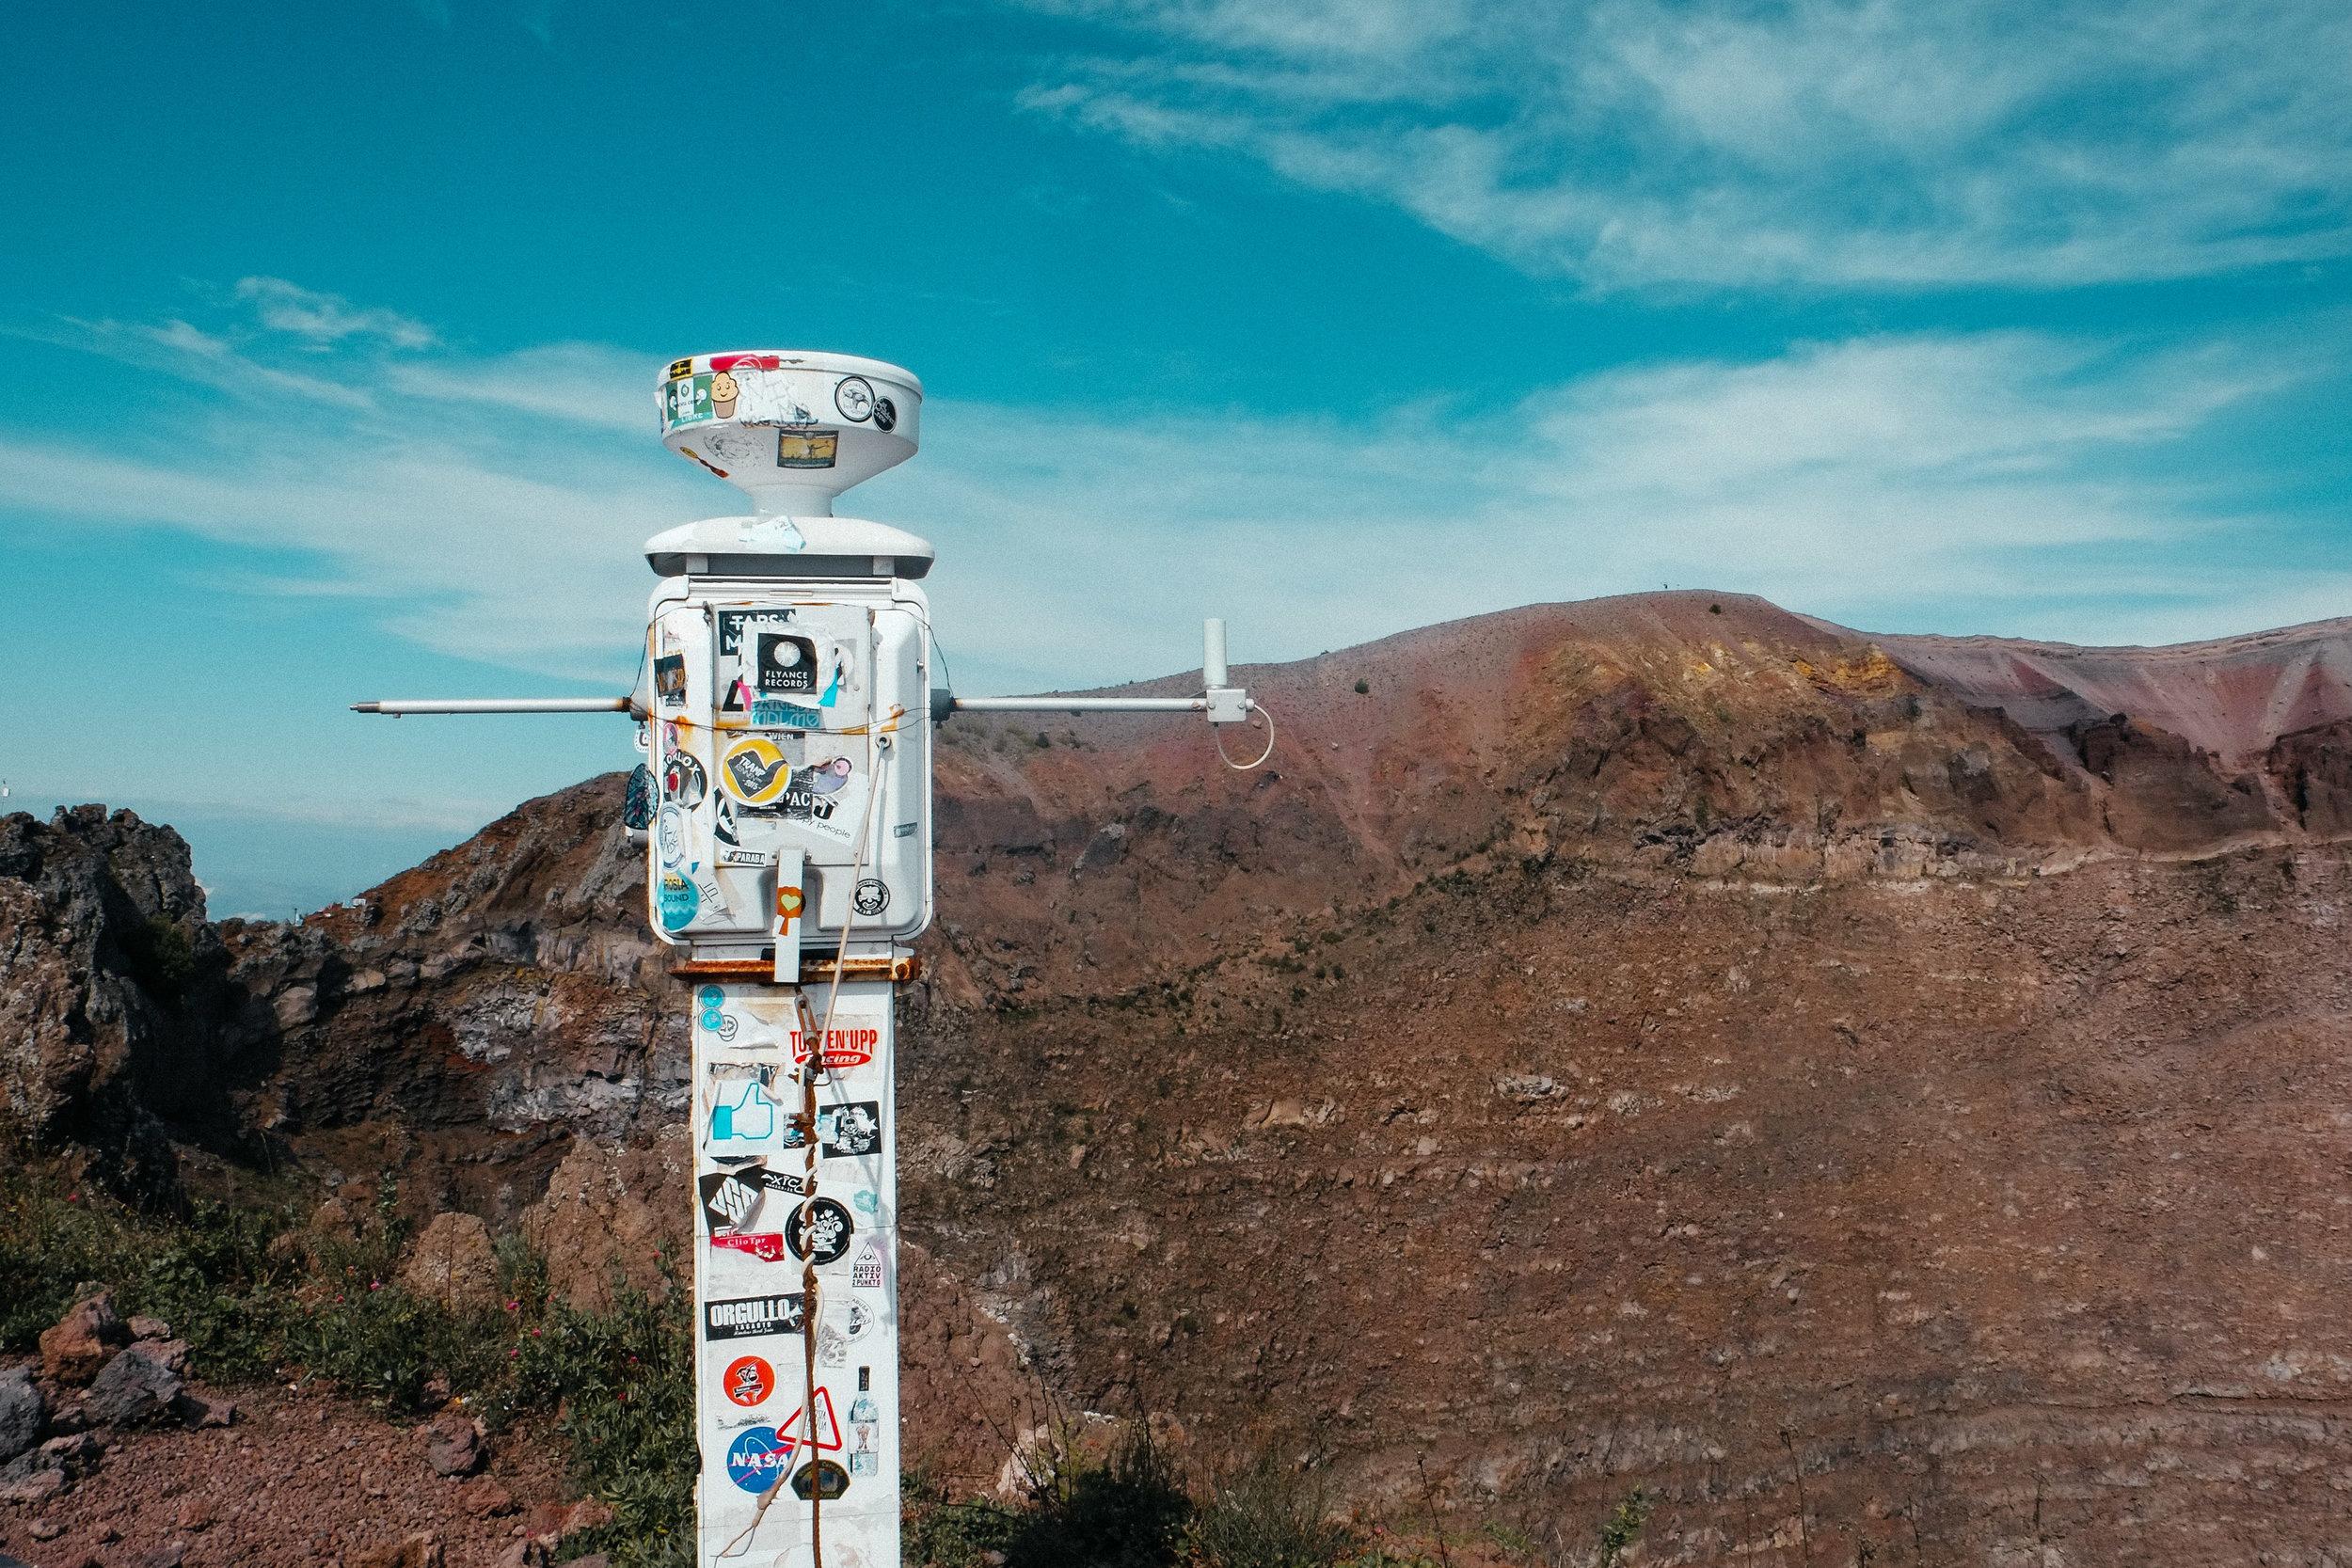 Lesly Lotha_Mount Vesuvius_Italy 11.jpg